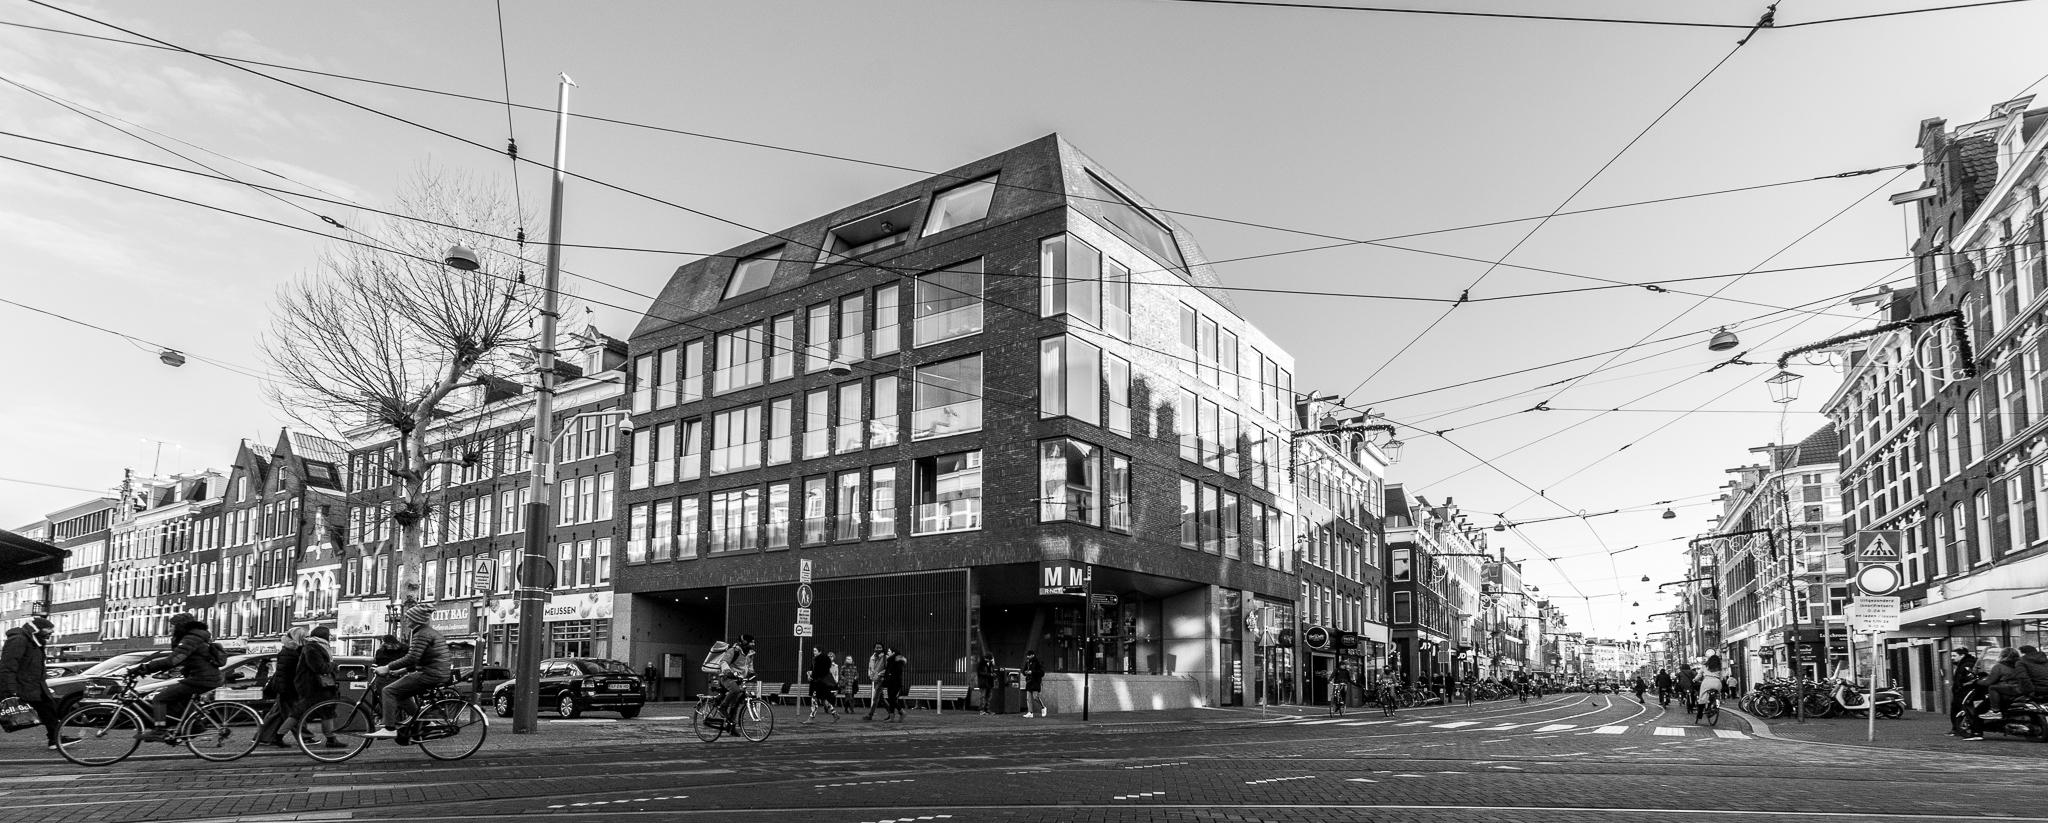 De Pijp_Bouwmeesters.Amsterdam.jpg